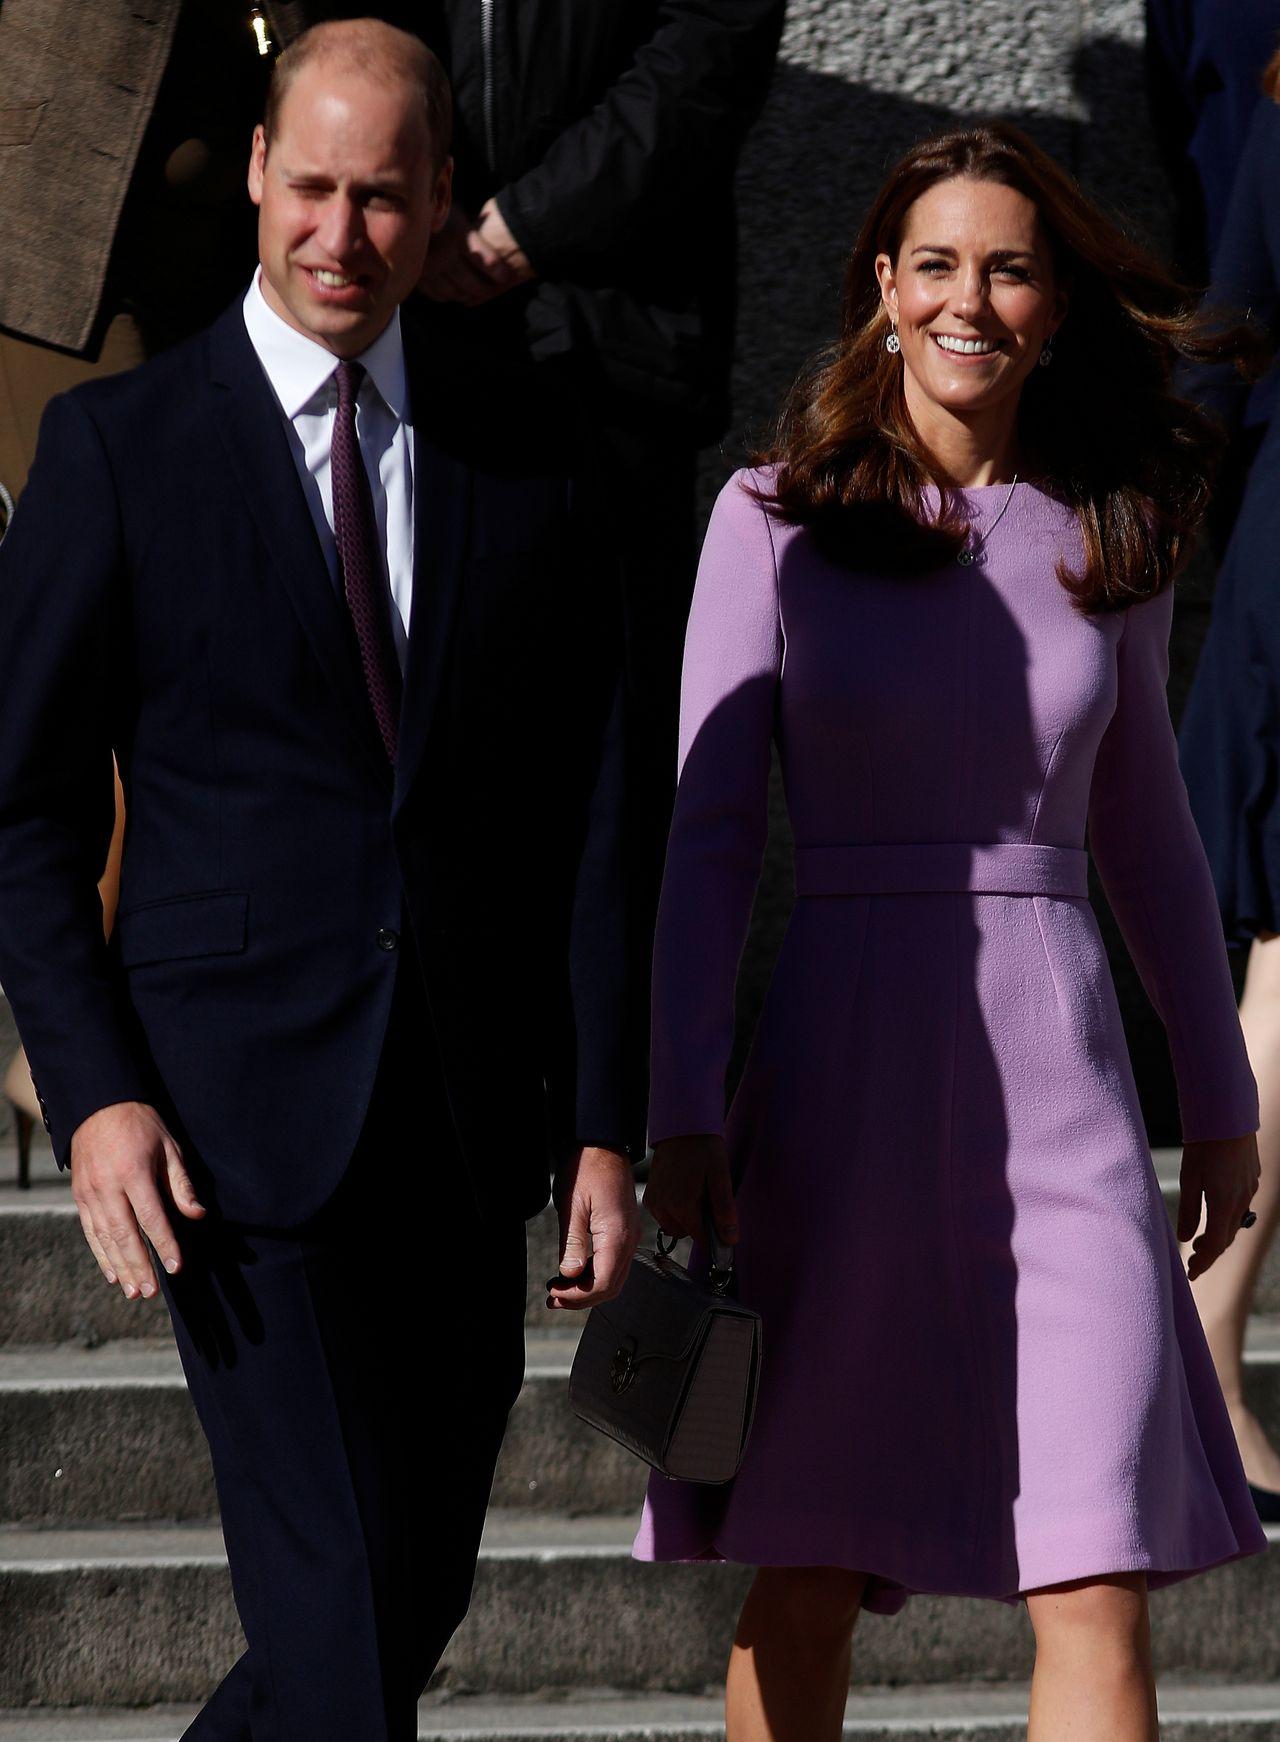 Matka Kate Middleton o Williamie: bałam się, że stracę RODZINĘ